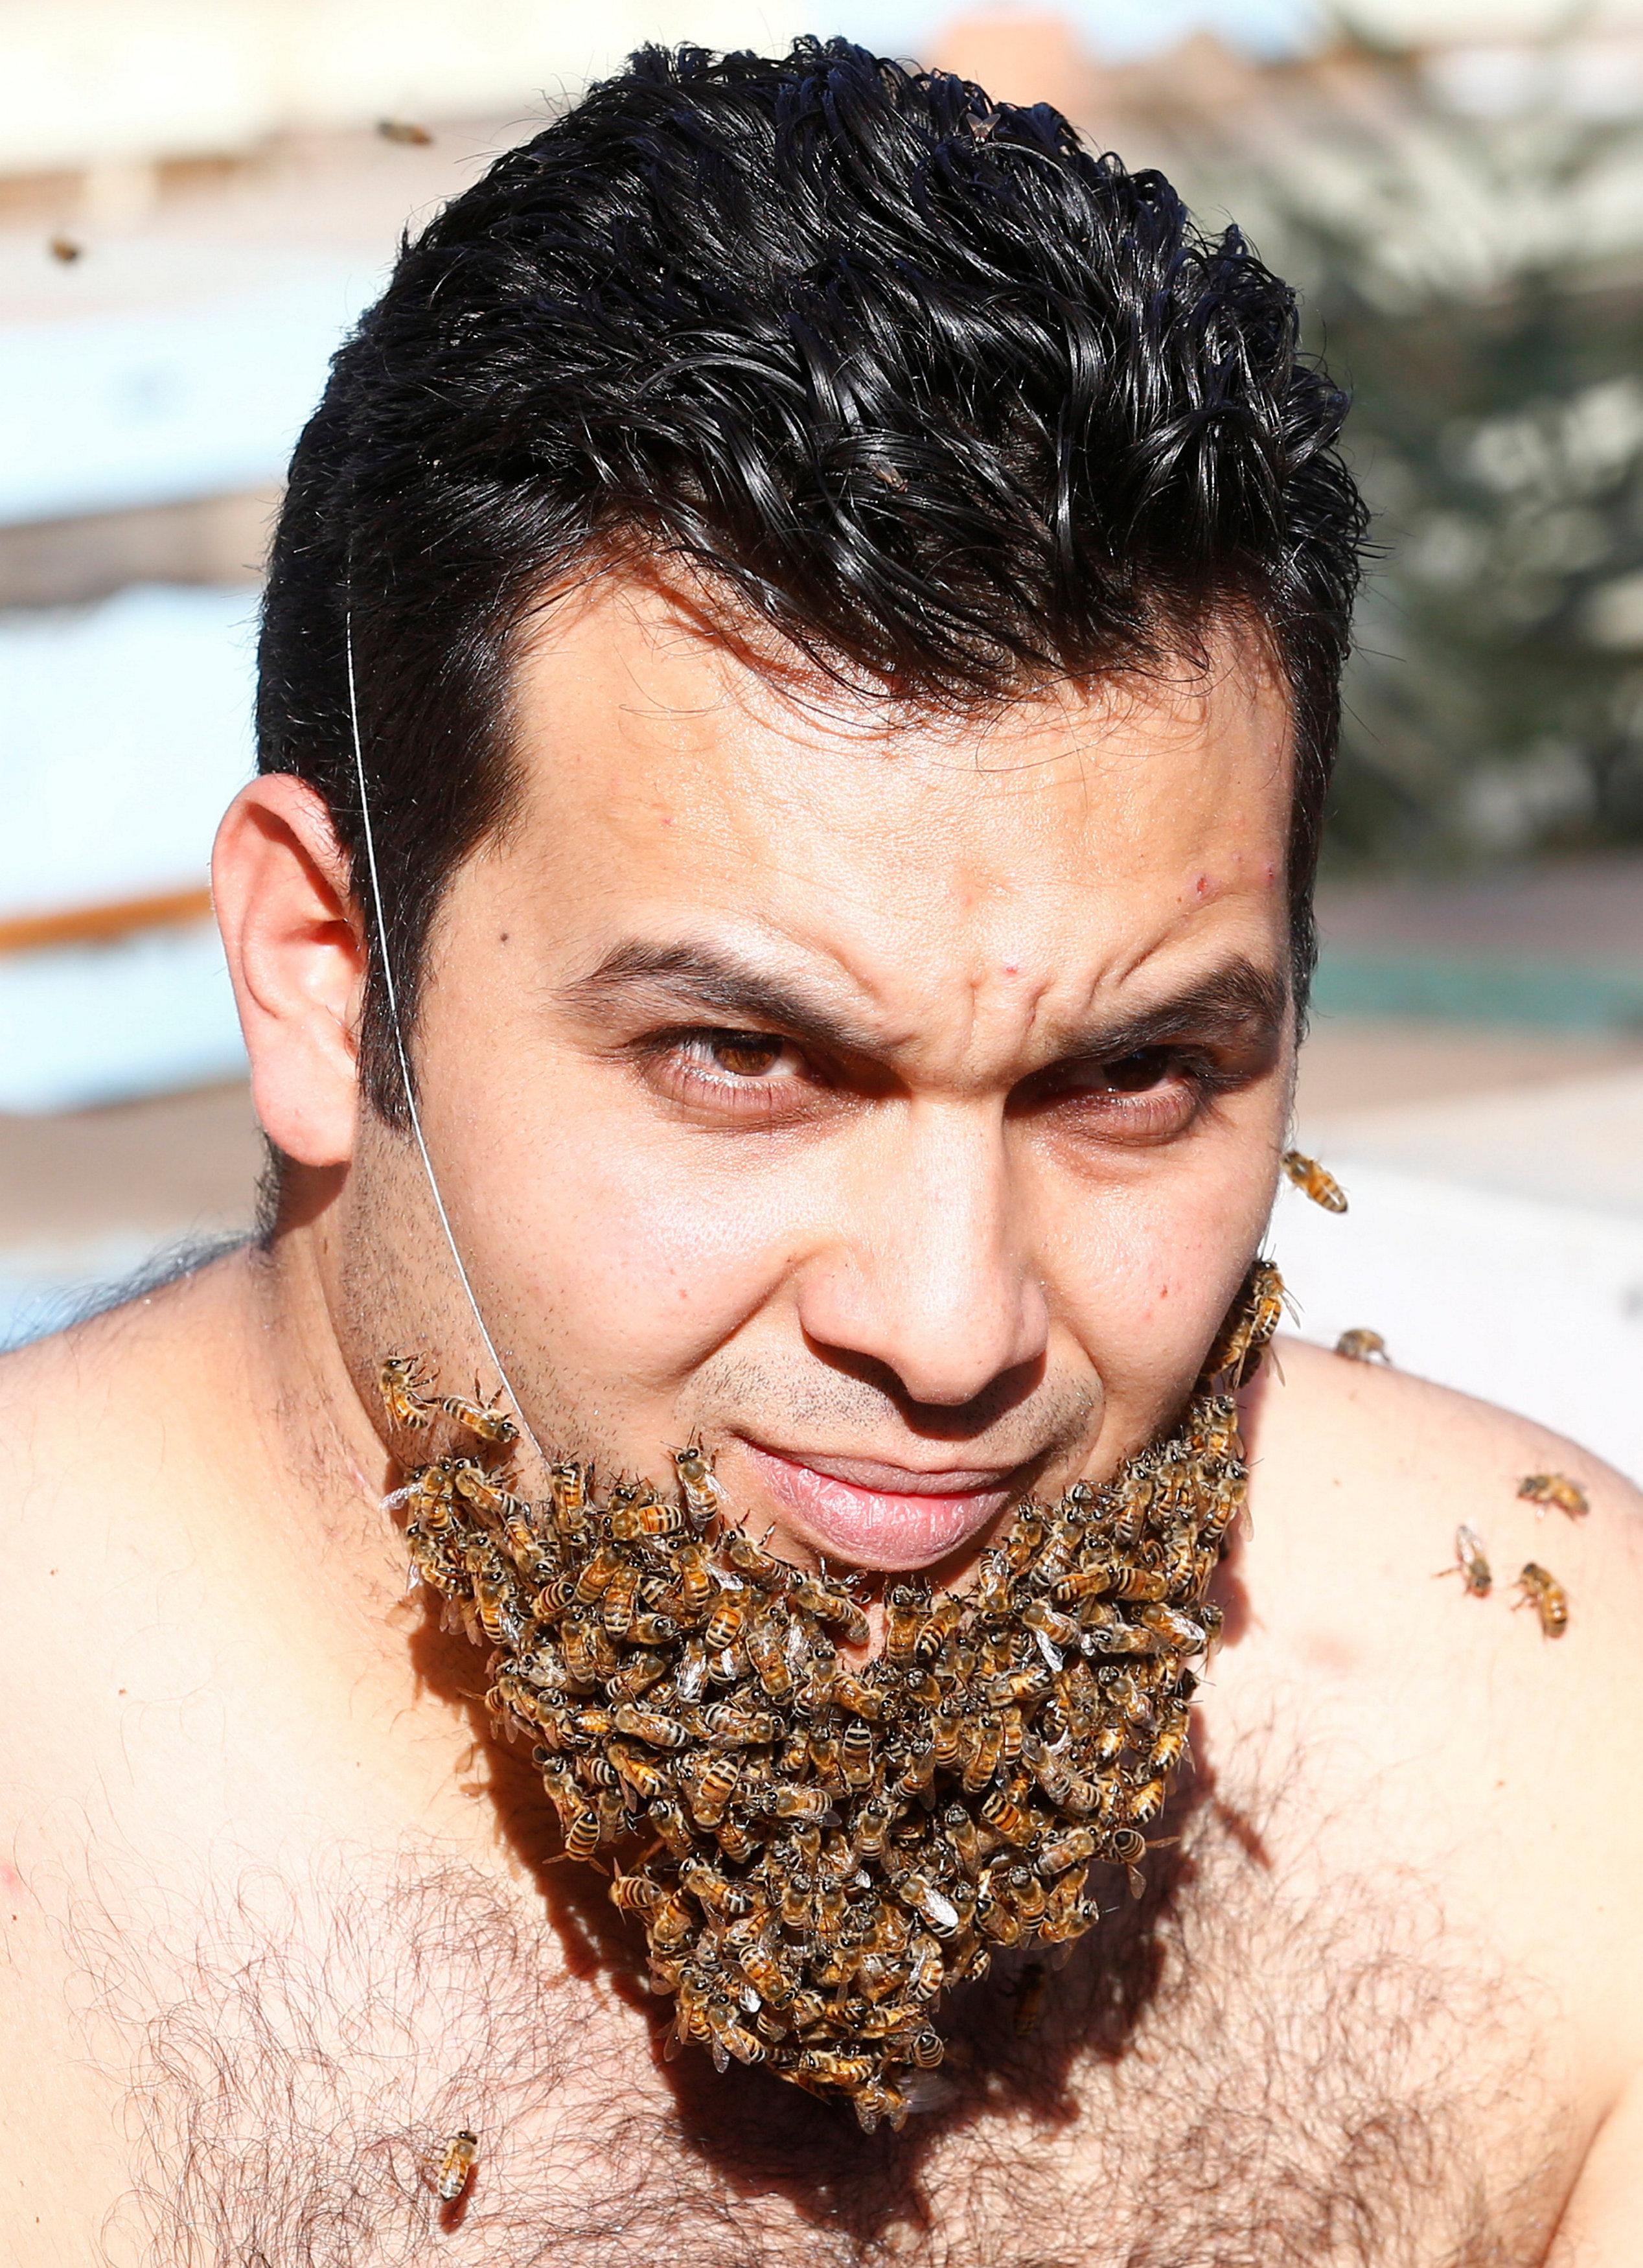 Egyptian men pic 100